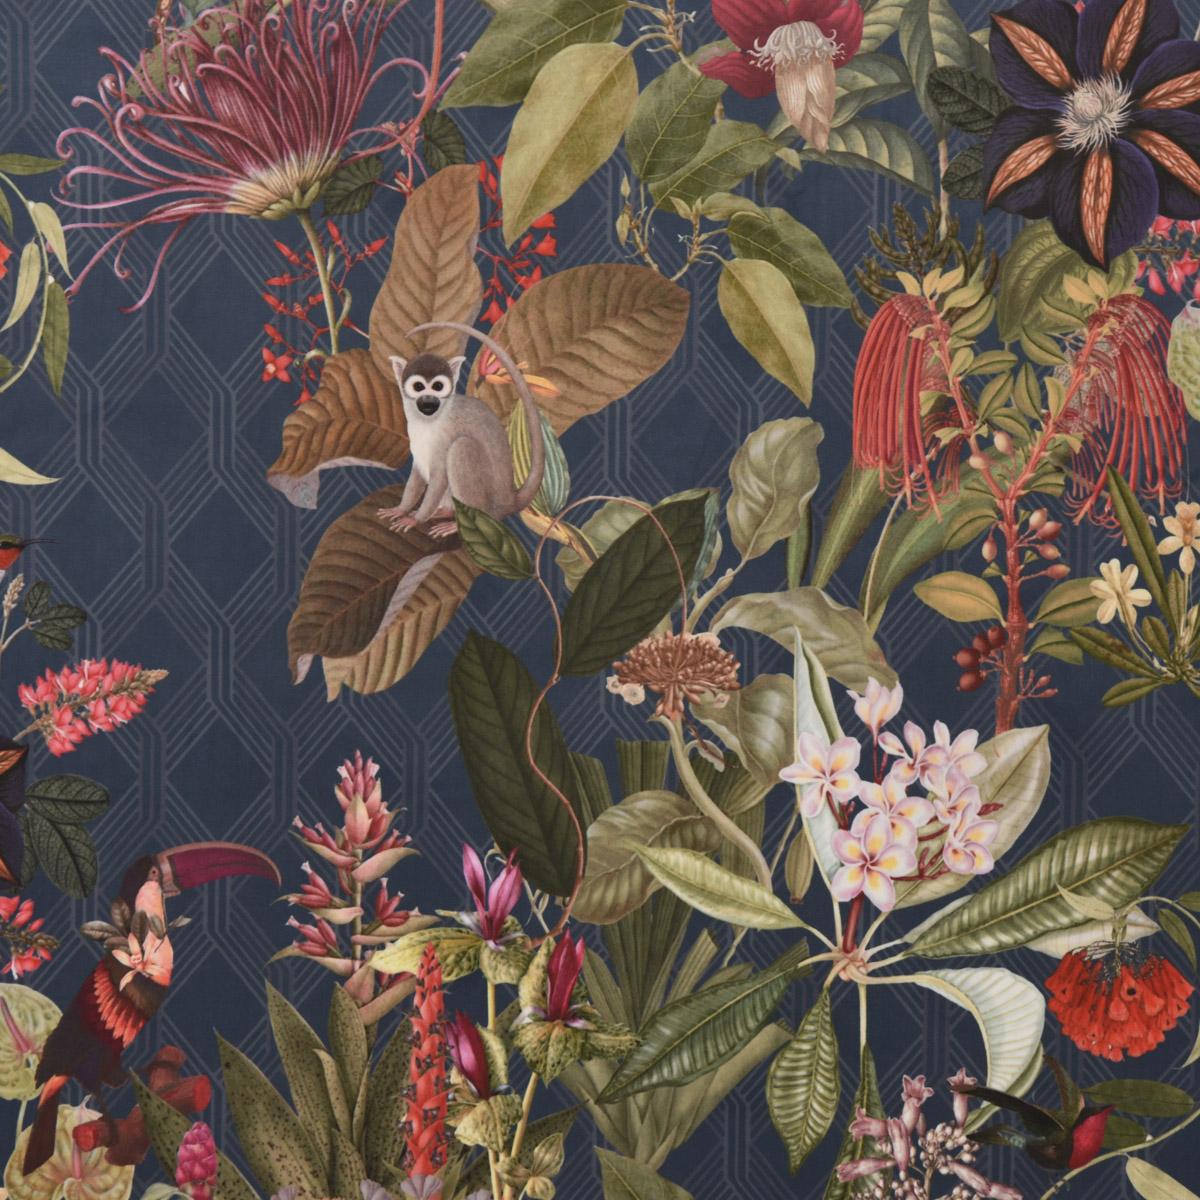 Samtstoff Dekostoff Velvet Samt Dschungel Botanic Chic Botanik Raute blau 1,45m